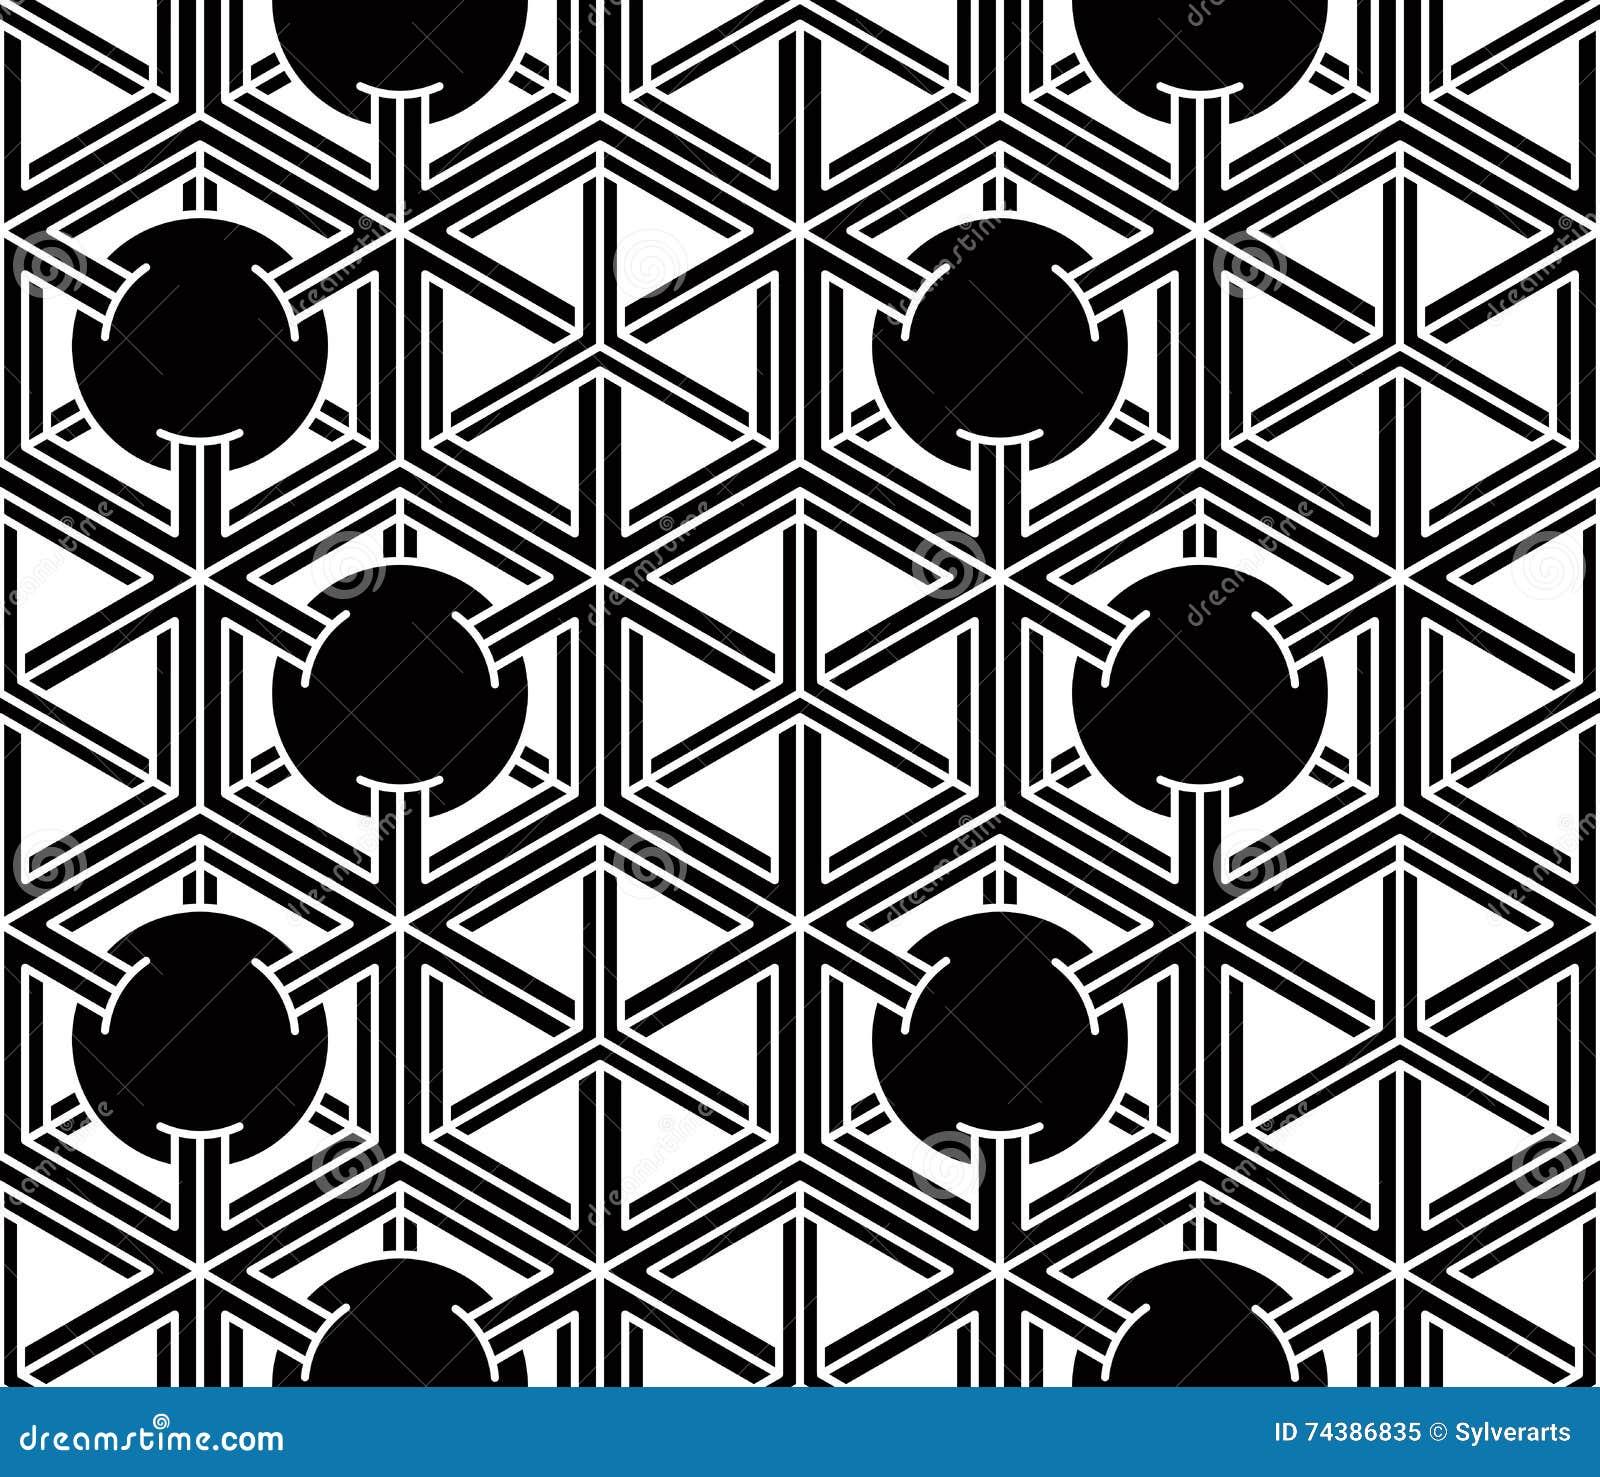 Modèle symétrique monochrome sans fin, conception graphique géométrique